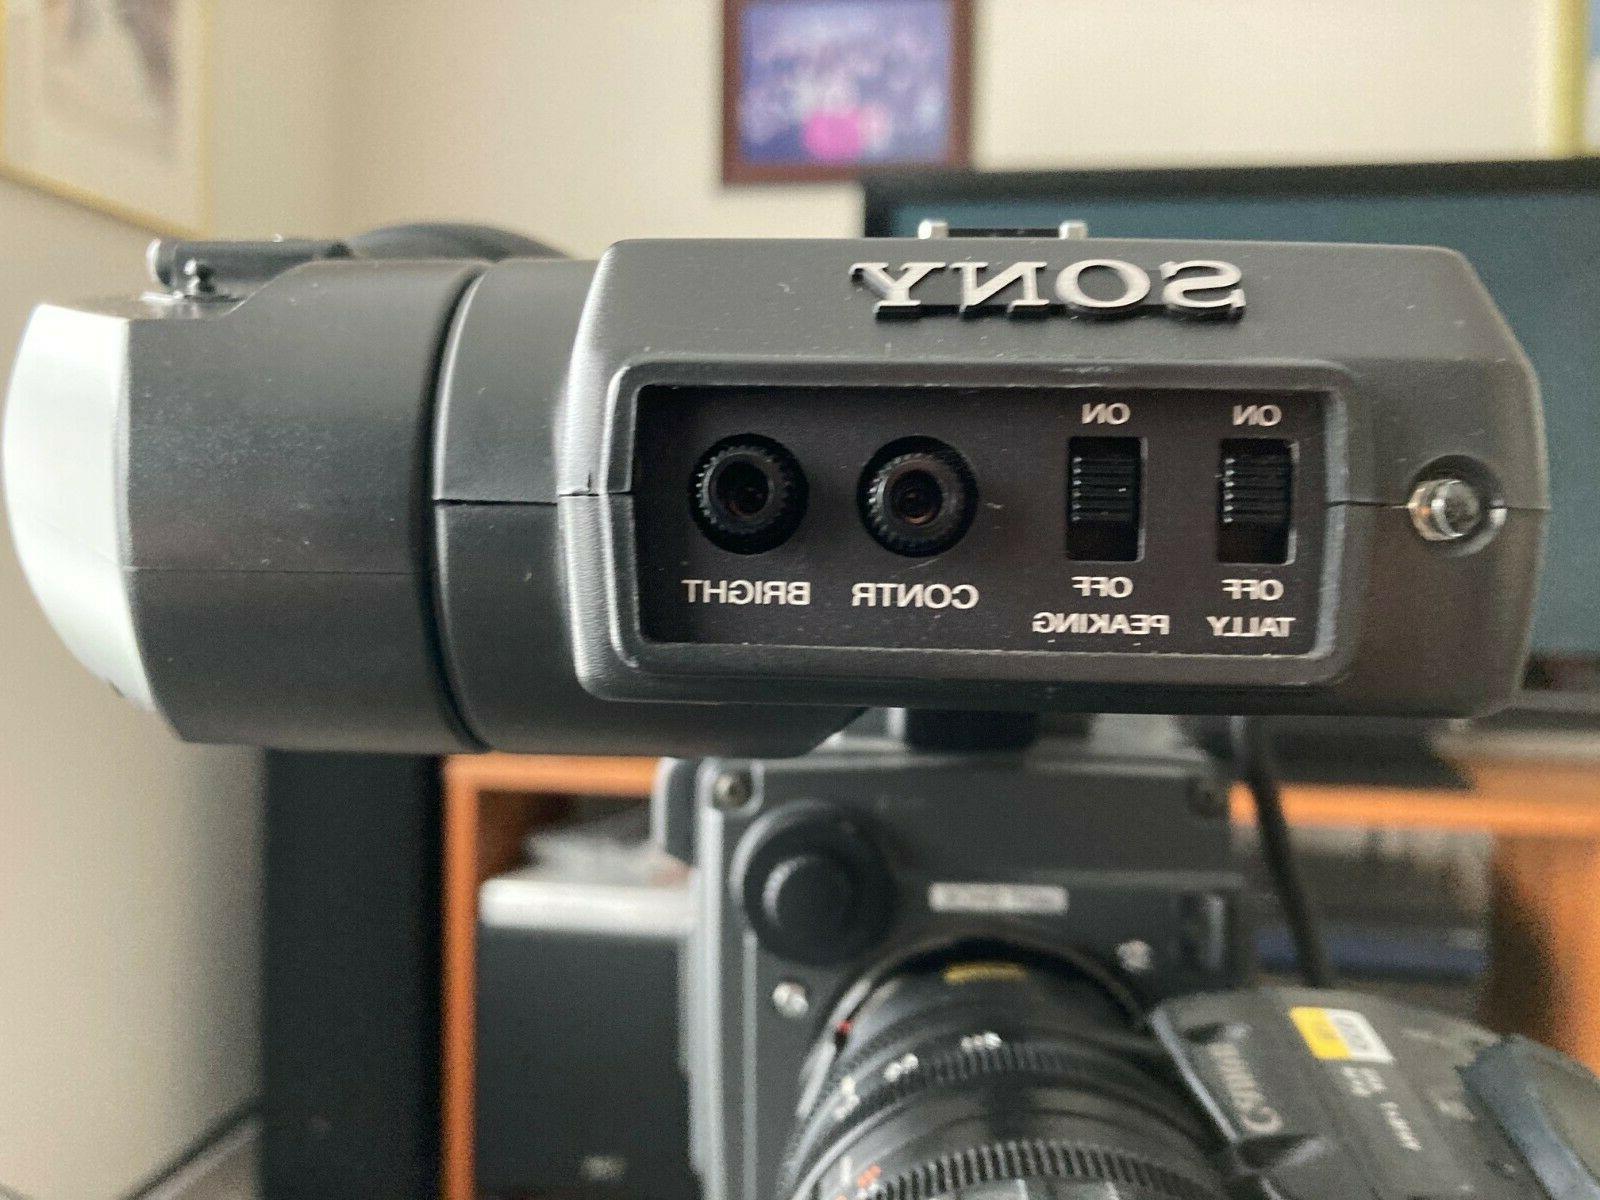 SONYdxc-327a color video camera adptor dfx-501 lens